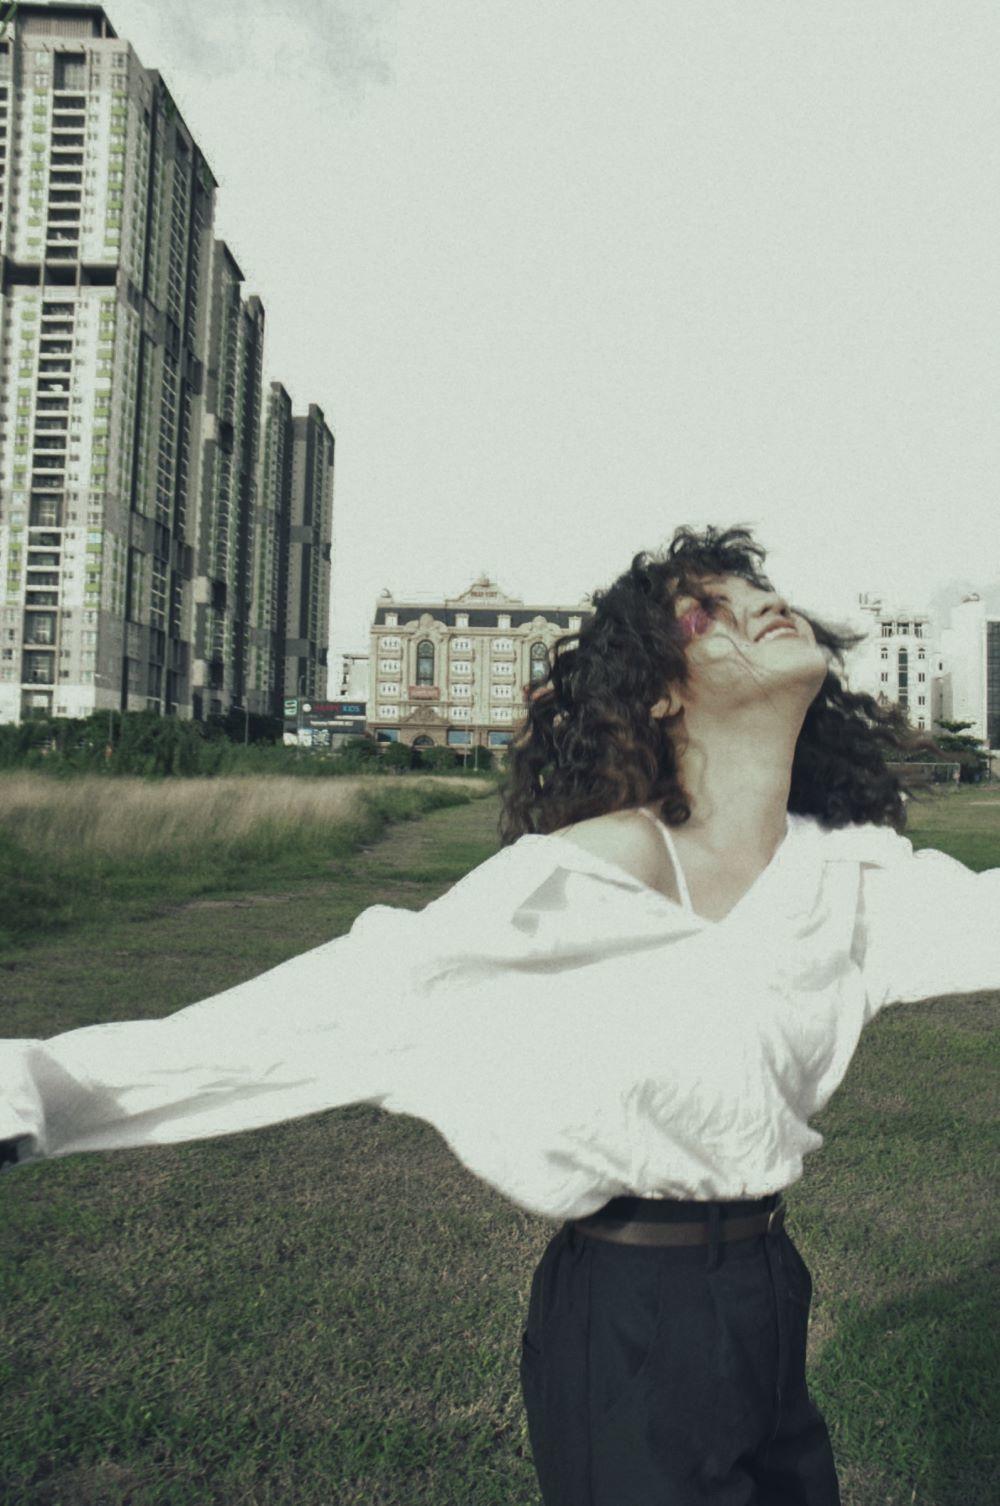 Nét phá cách trong thế giới nghệ thuật của nhiếp ảnh gia Ying Ye